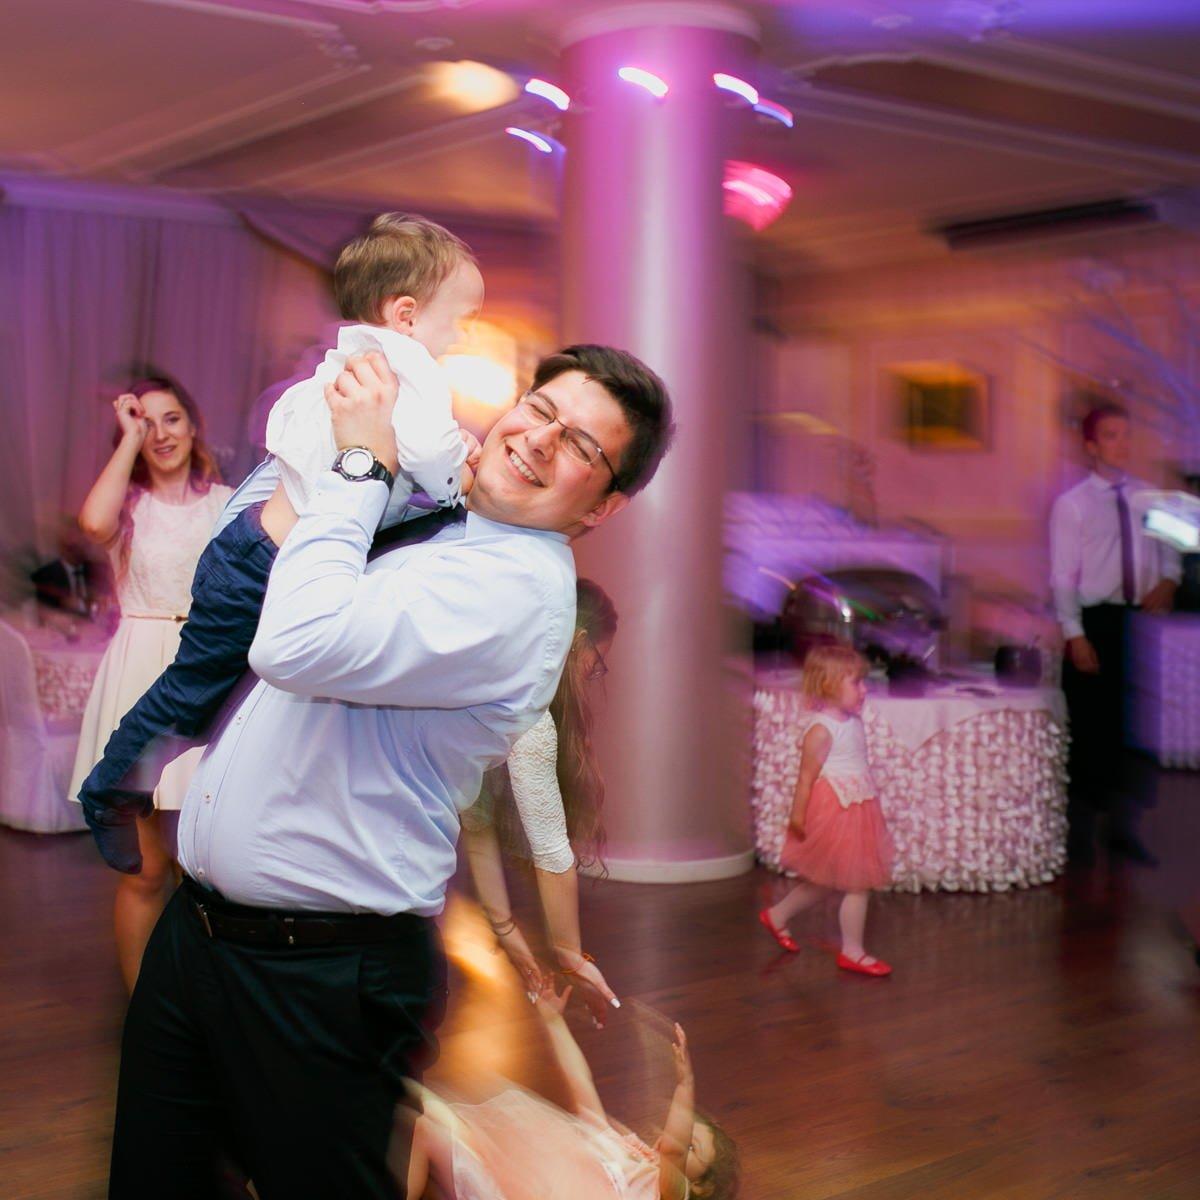 fotograf slub bielsko biala ania maciej 168 - Ślub w Bielsku-Białej - ANIA & MACIEJ